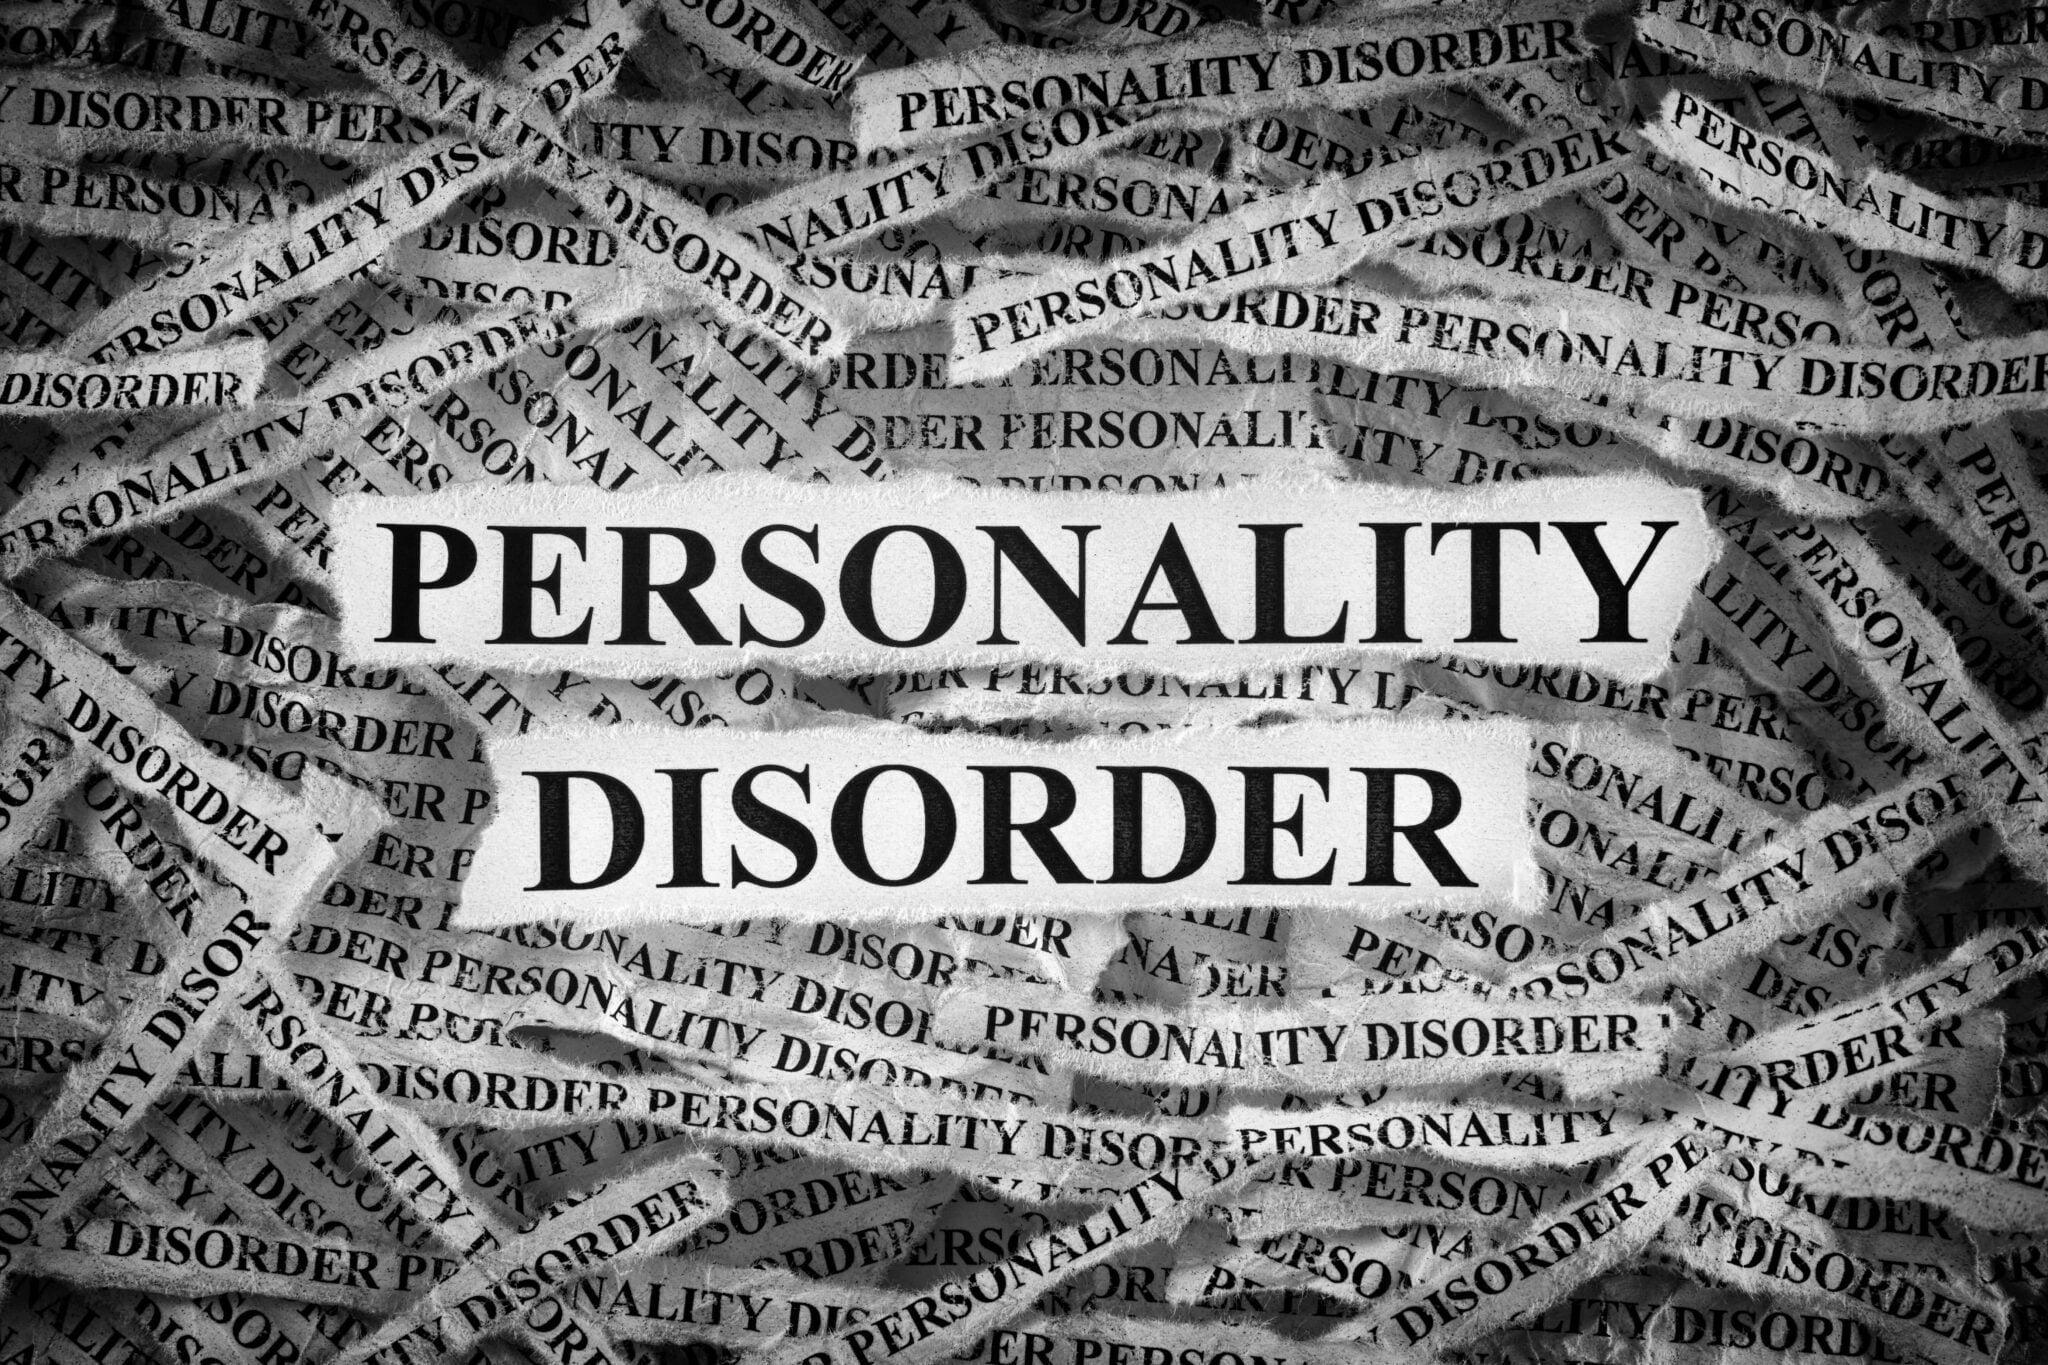 διαταραχές προσωπικότητας